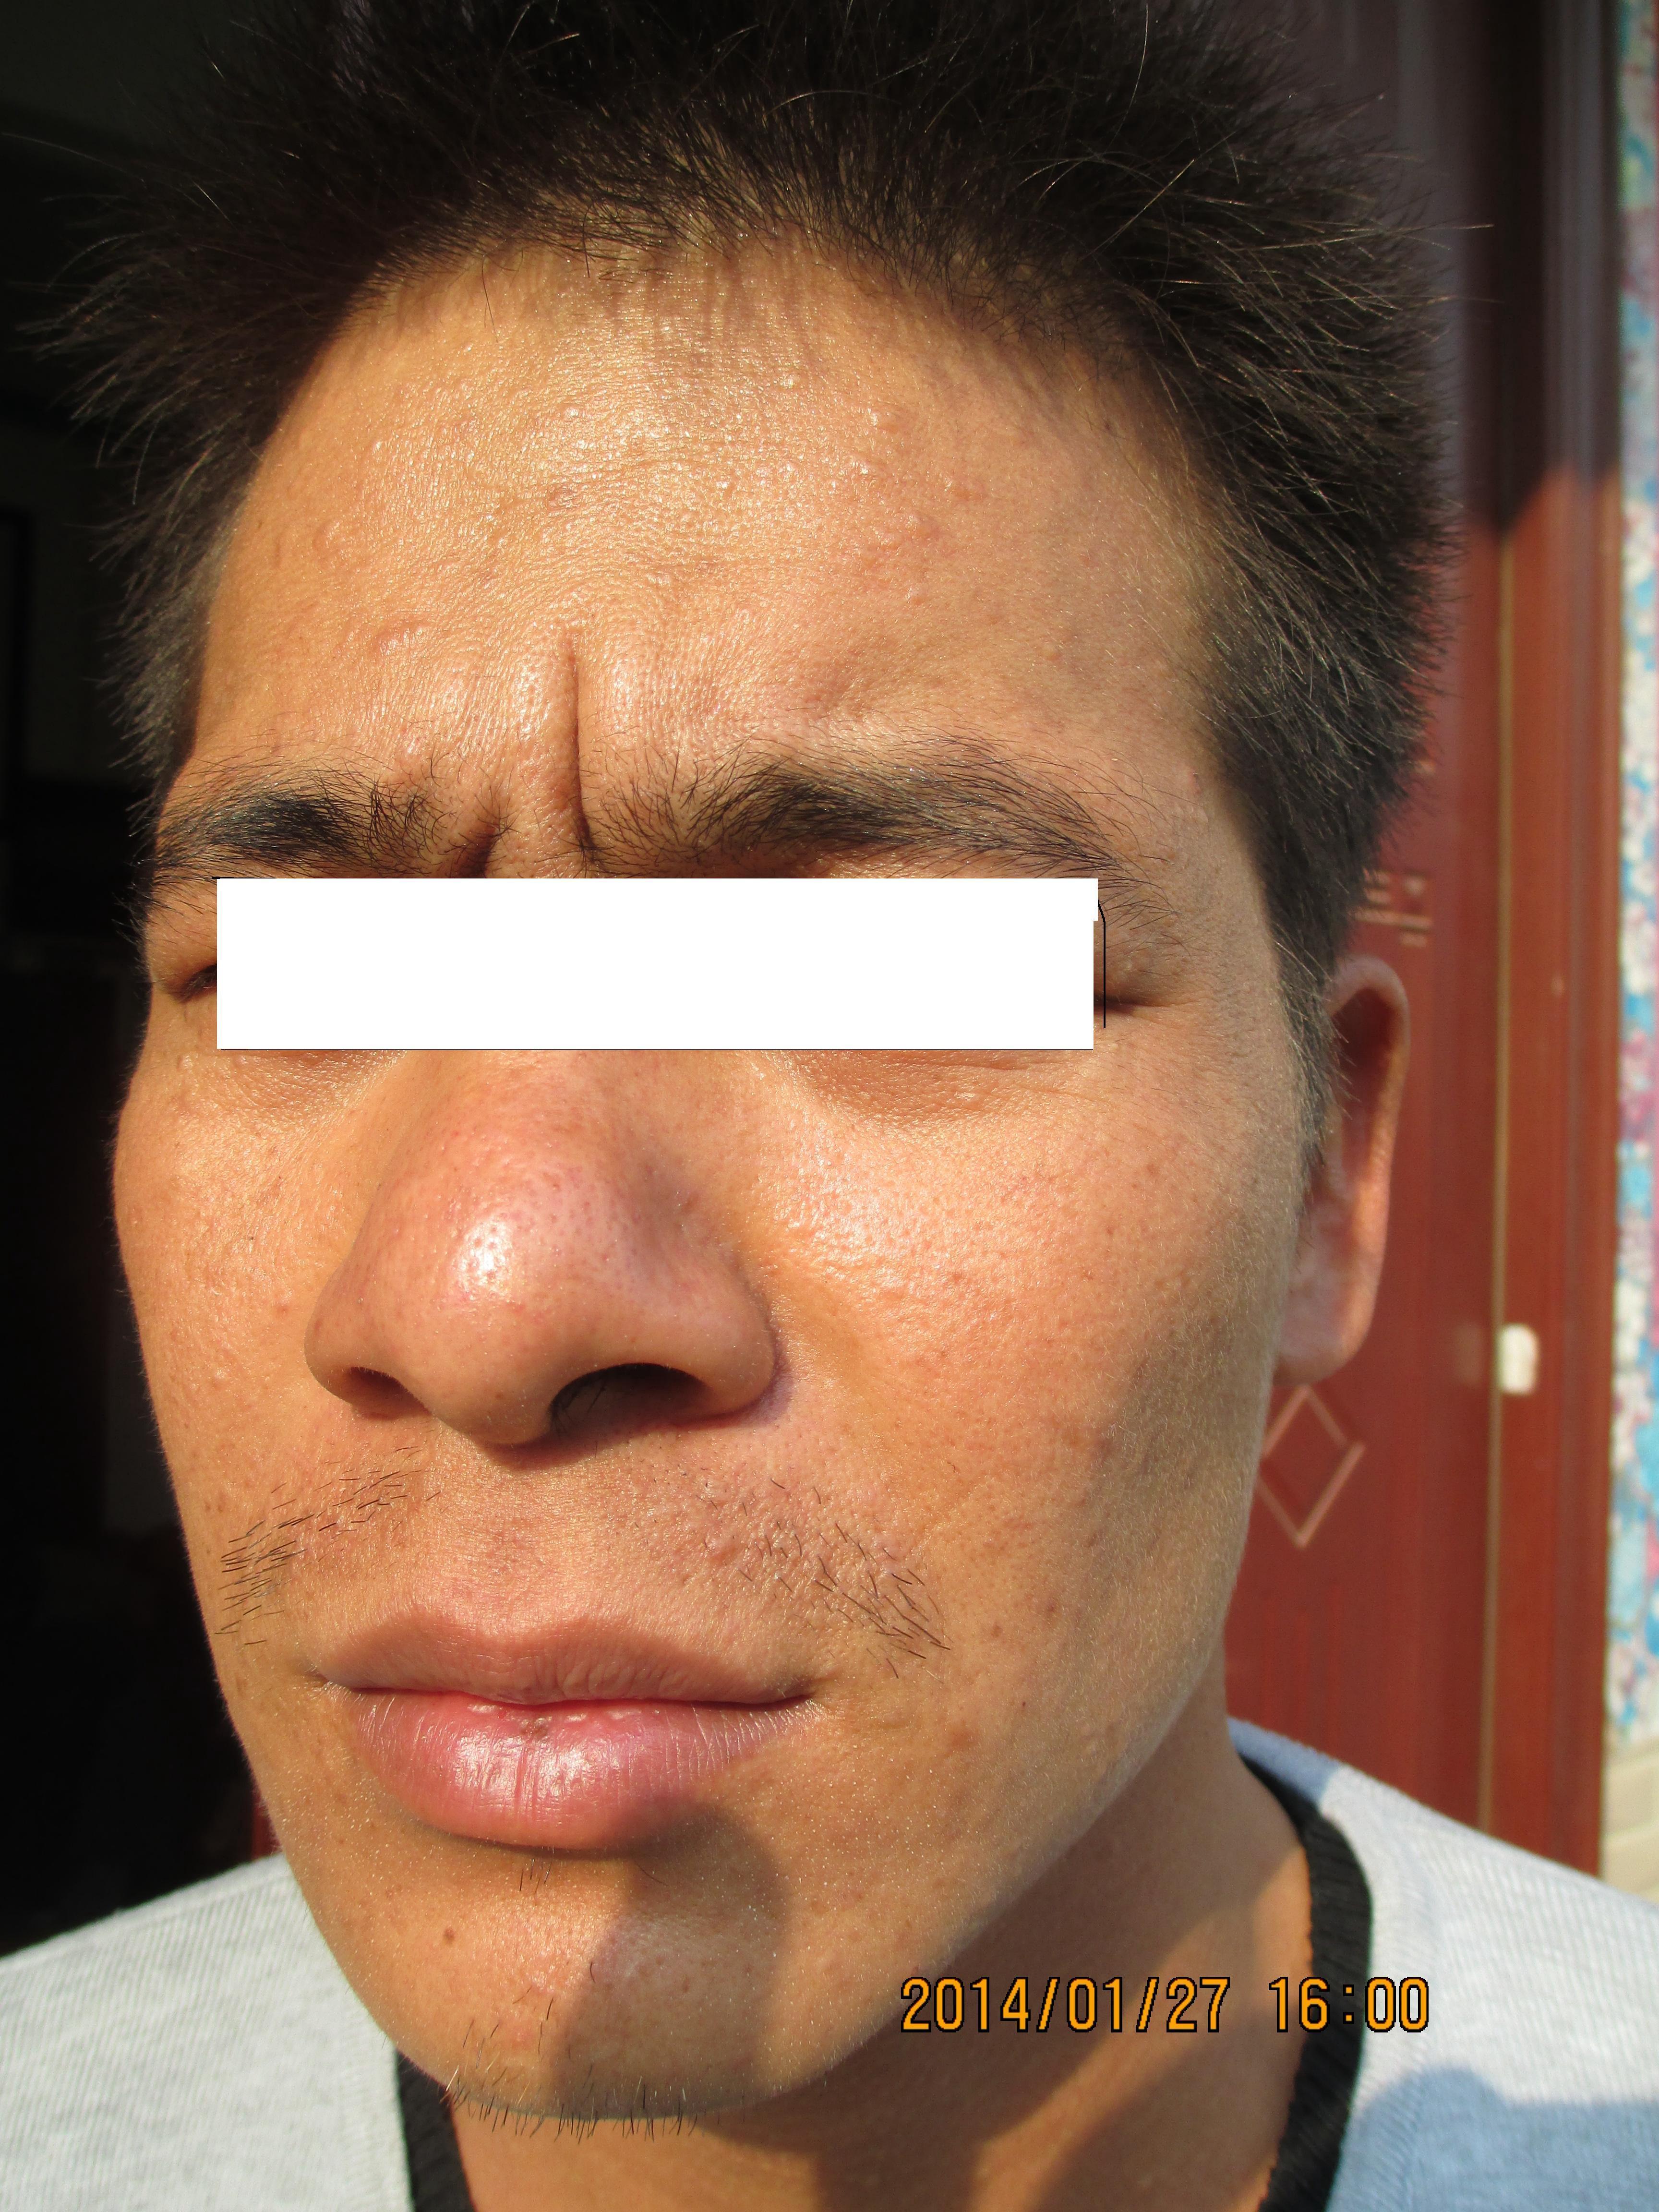 疣状皮肤病 004.jpg